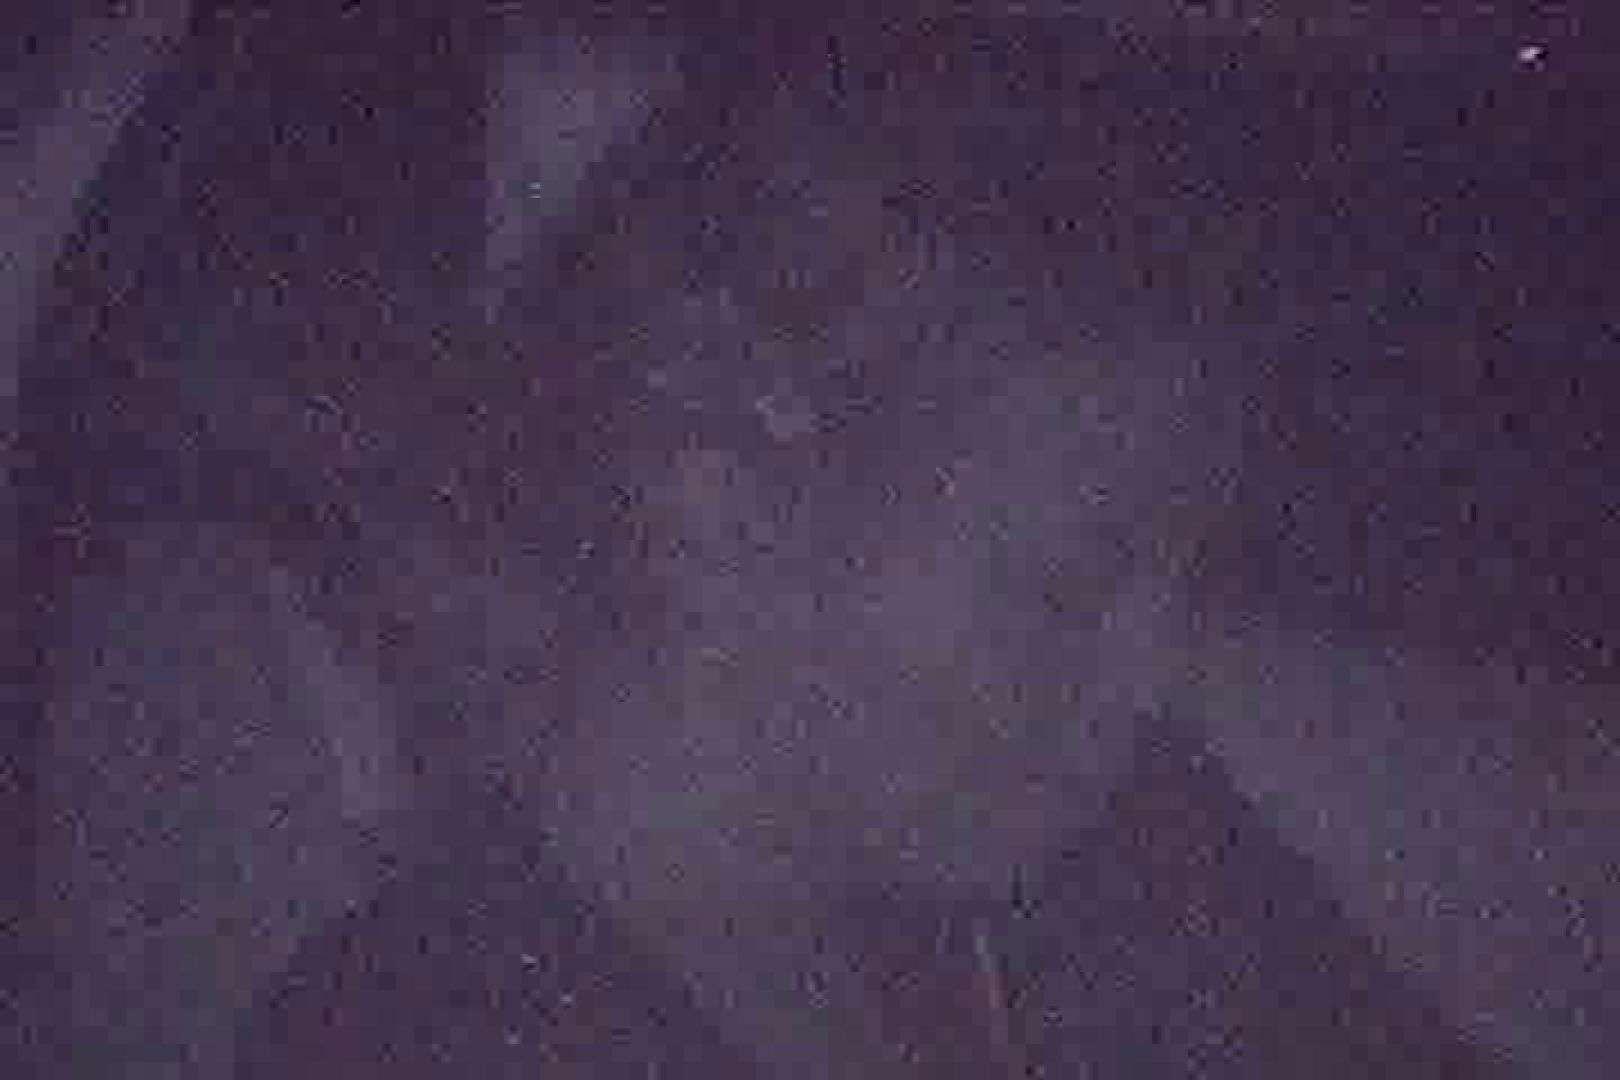 充血監督の深夜の運動会Vol.115 OLエロ画像  77PICs 10